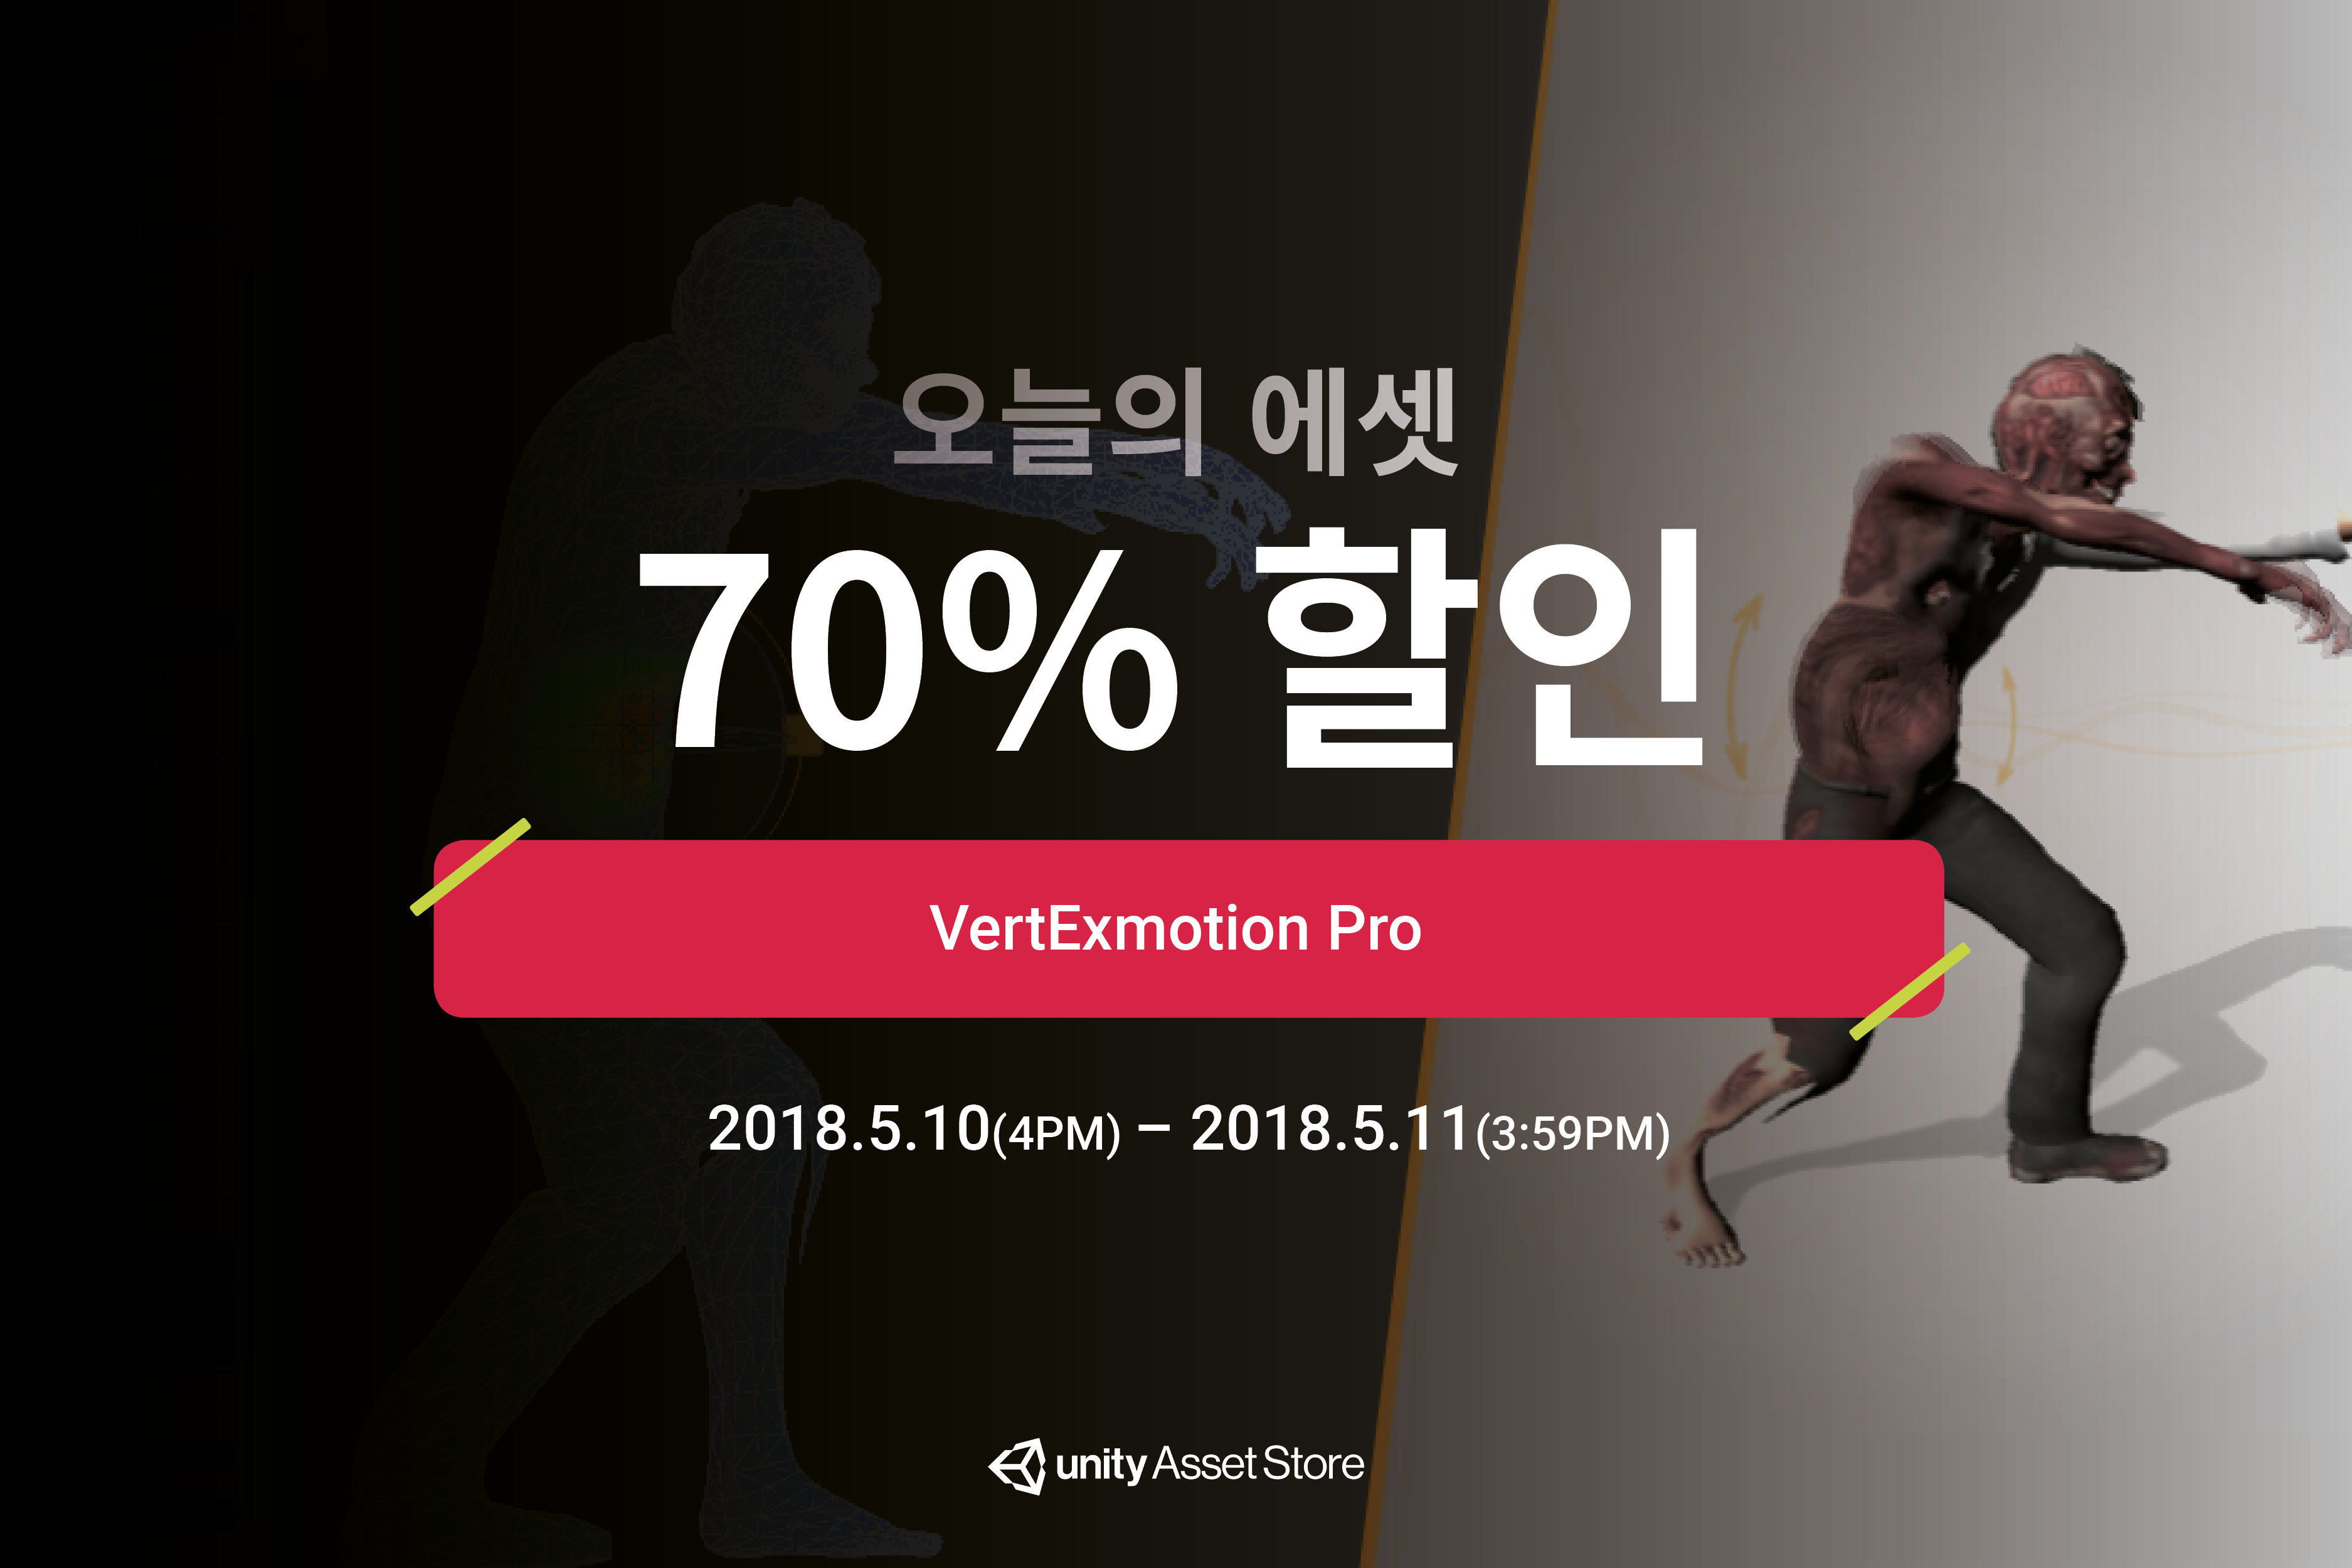 오늘의 에셋: VertExmotion Pro 우수 후기